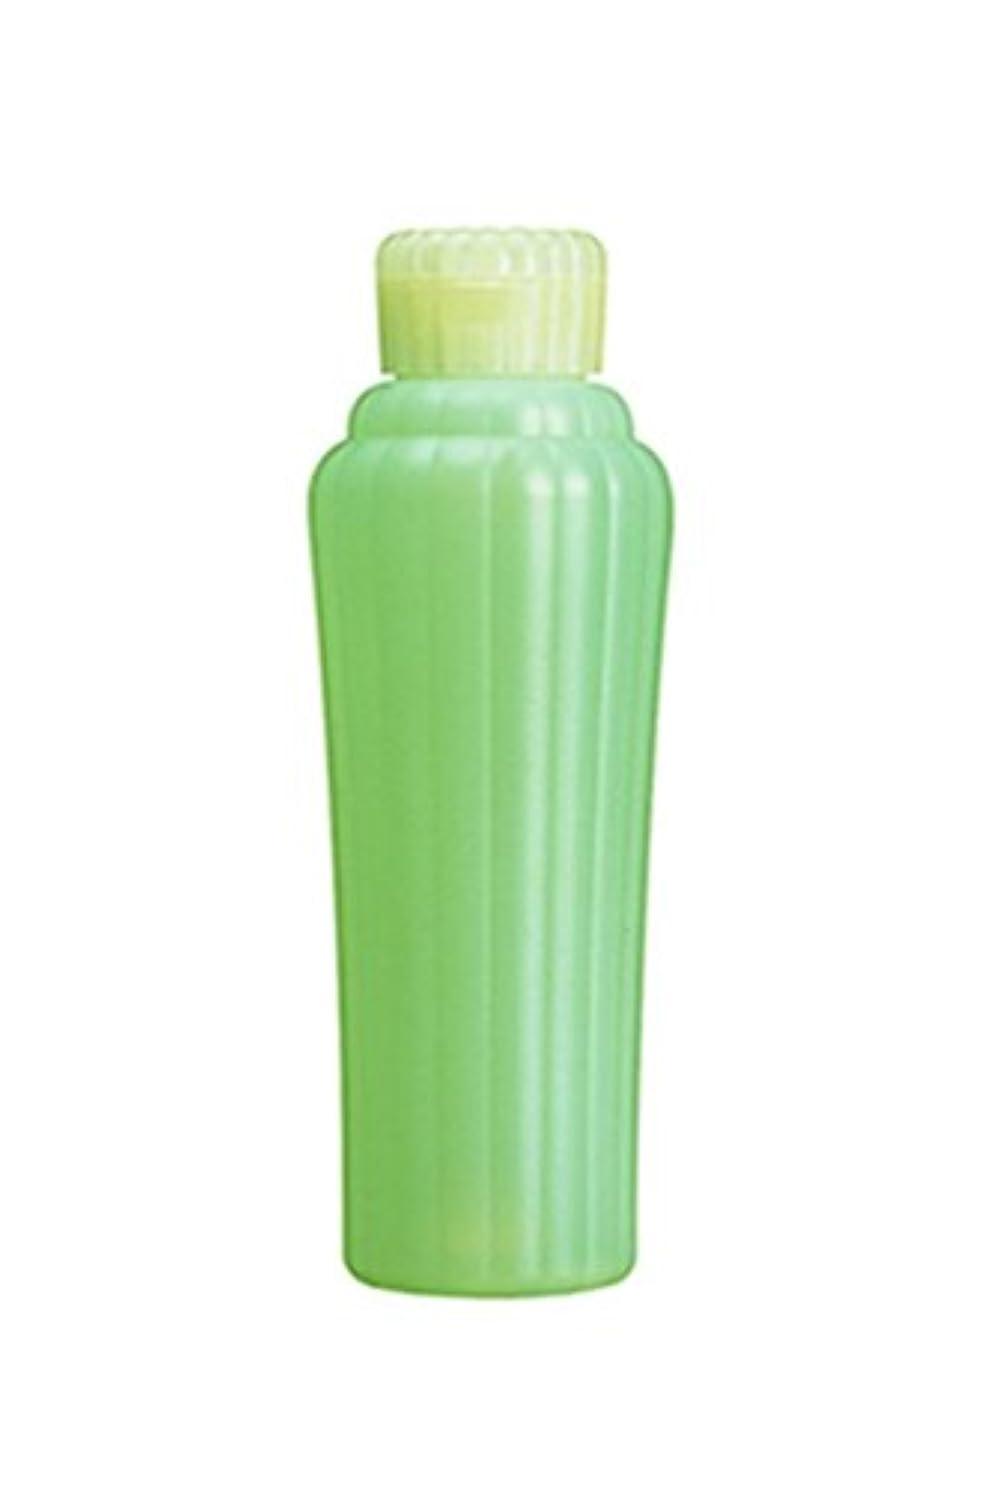 あいさつ物理的なお酢アユーラ (AYURA) アロマティックウォッシュ 300mL 〈ボディー用 洗浄料〉